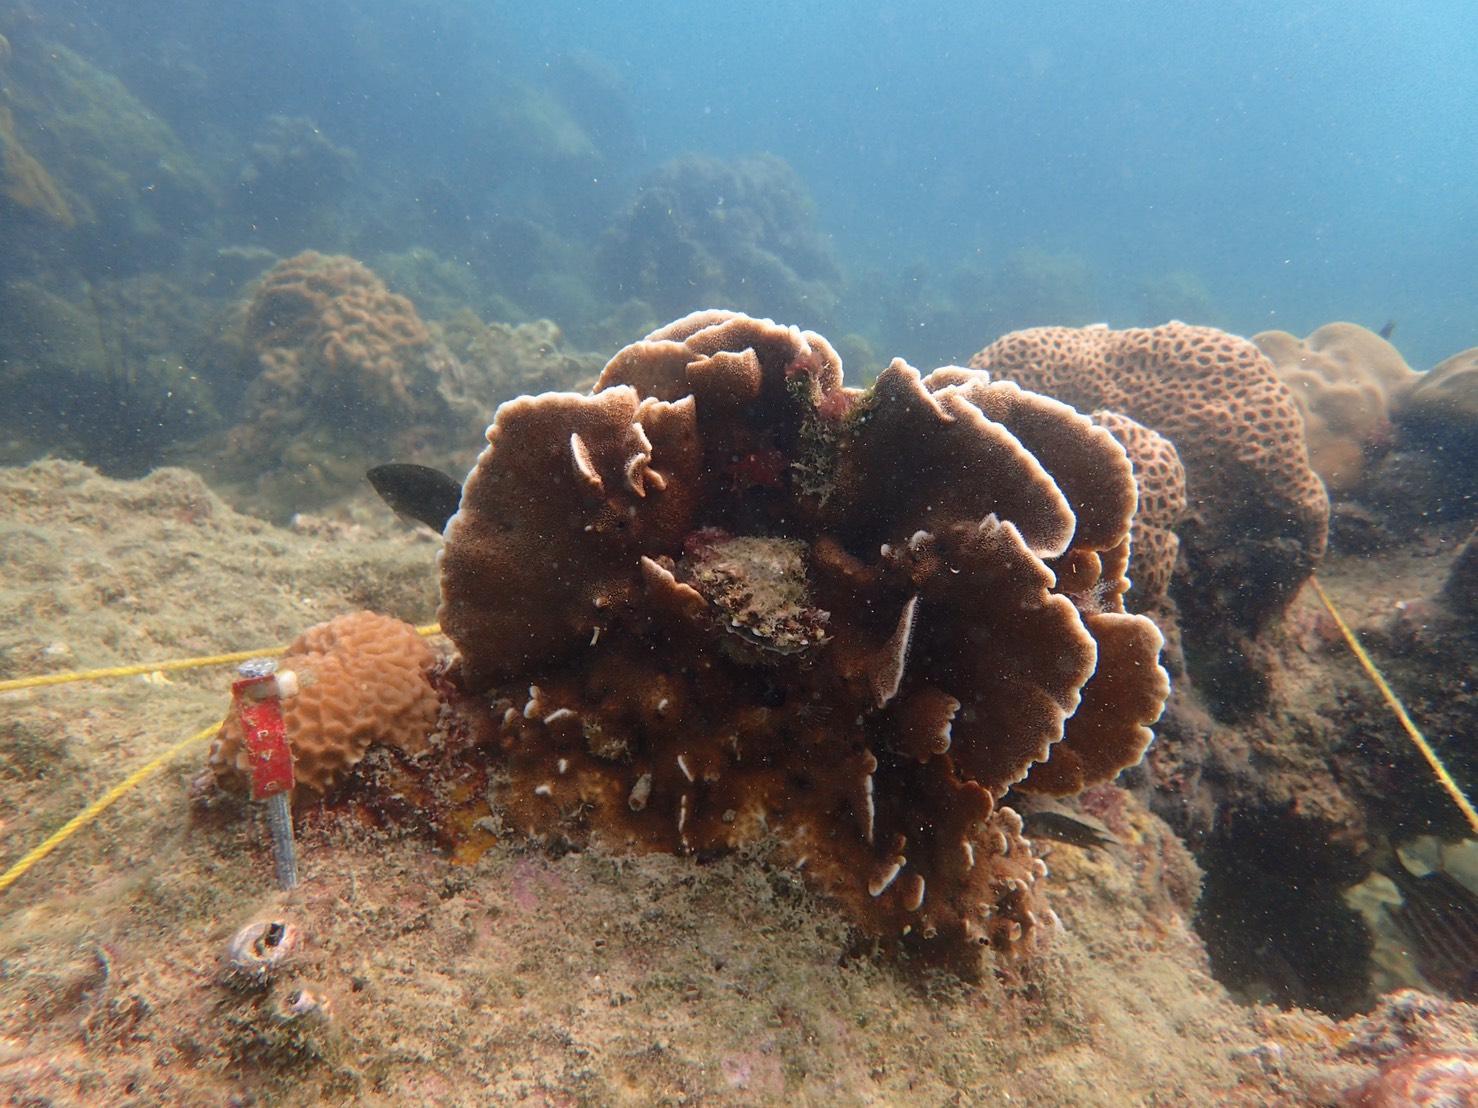 ศูนย์ฯ วิจัย ทช. อ่าวไทยฝั่งตะวันออก สำรวจติดตามปะการังฟอกขาว พื้นที่จังหวัดระยอง